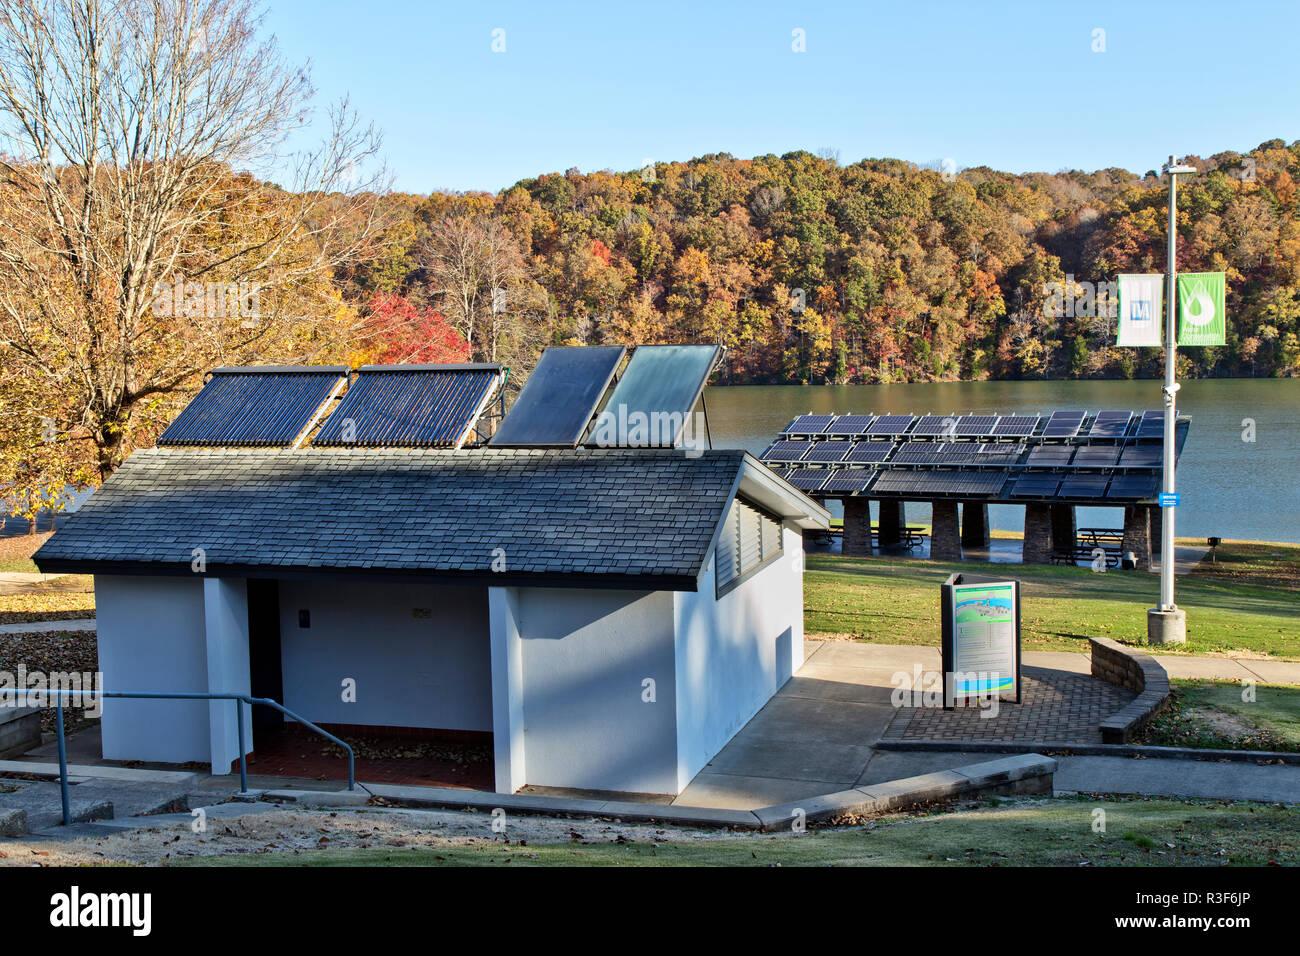 Chauffe-eau solaire sur le toit, une salle de bains privative avec des panneaux solaires en arrière-plan, la facilitation de Melton Hill Dam Recreation Area de camping. Photo Stock